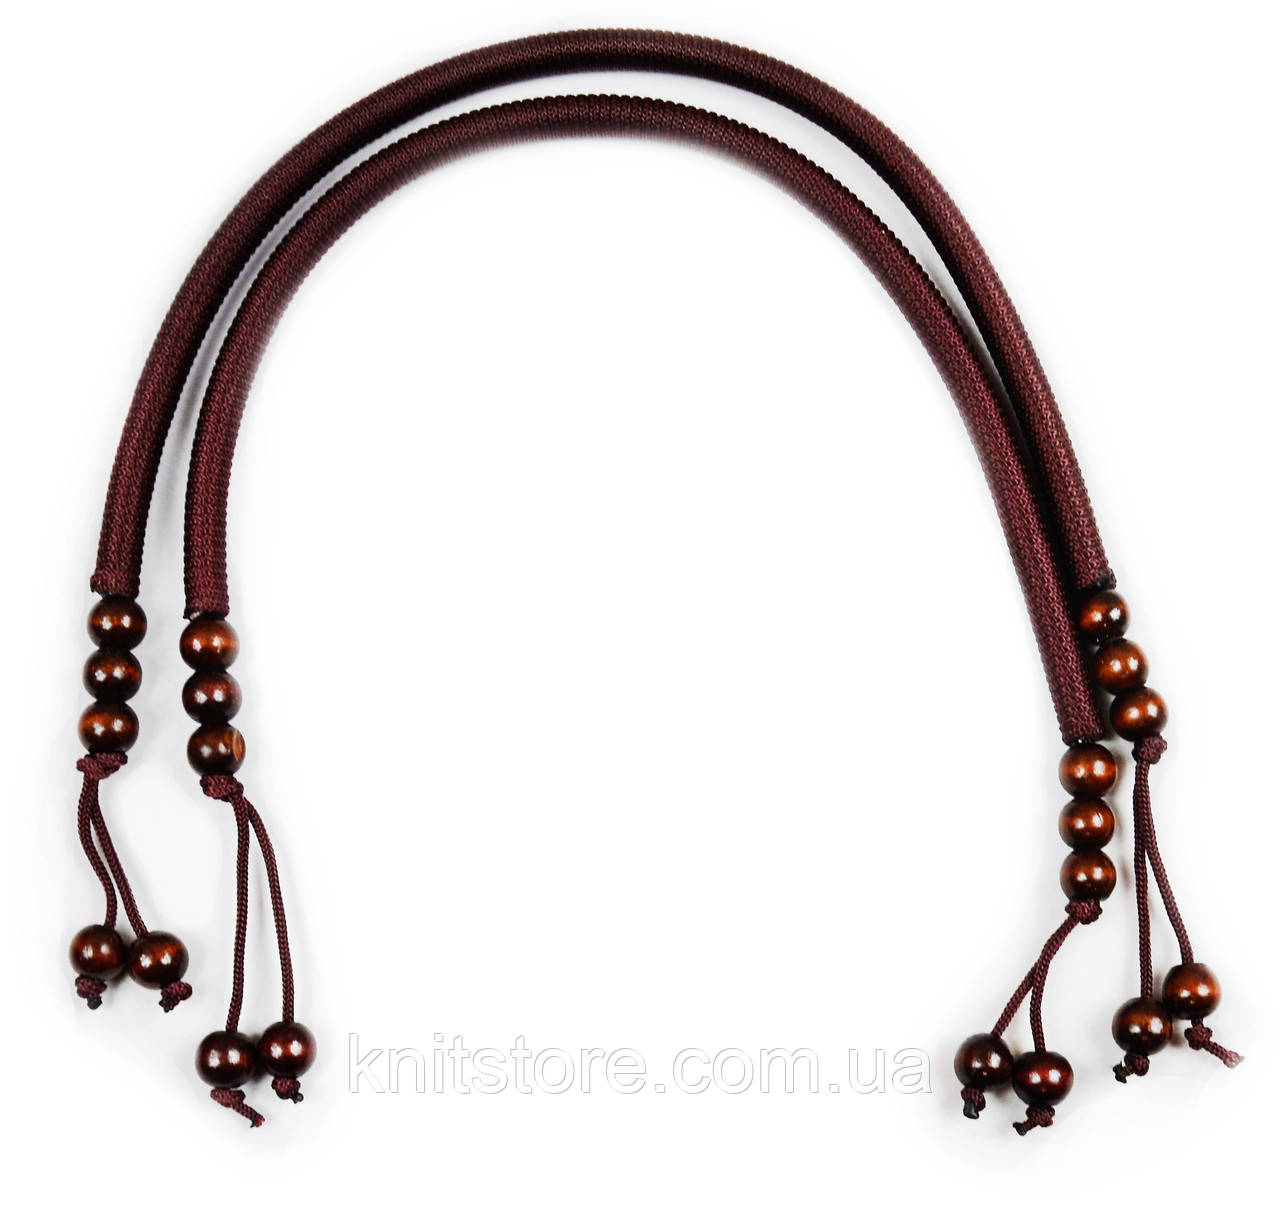 Ручки для сумок кожаные с кольцами, коричневые, 78 см